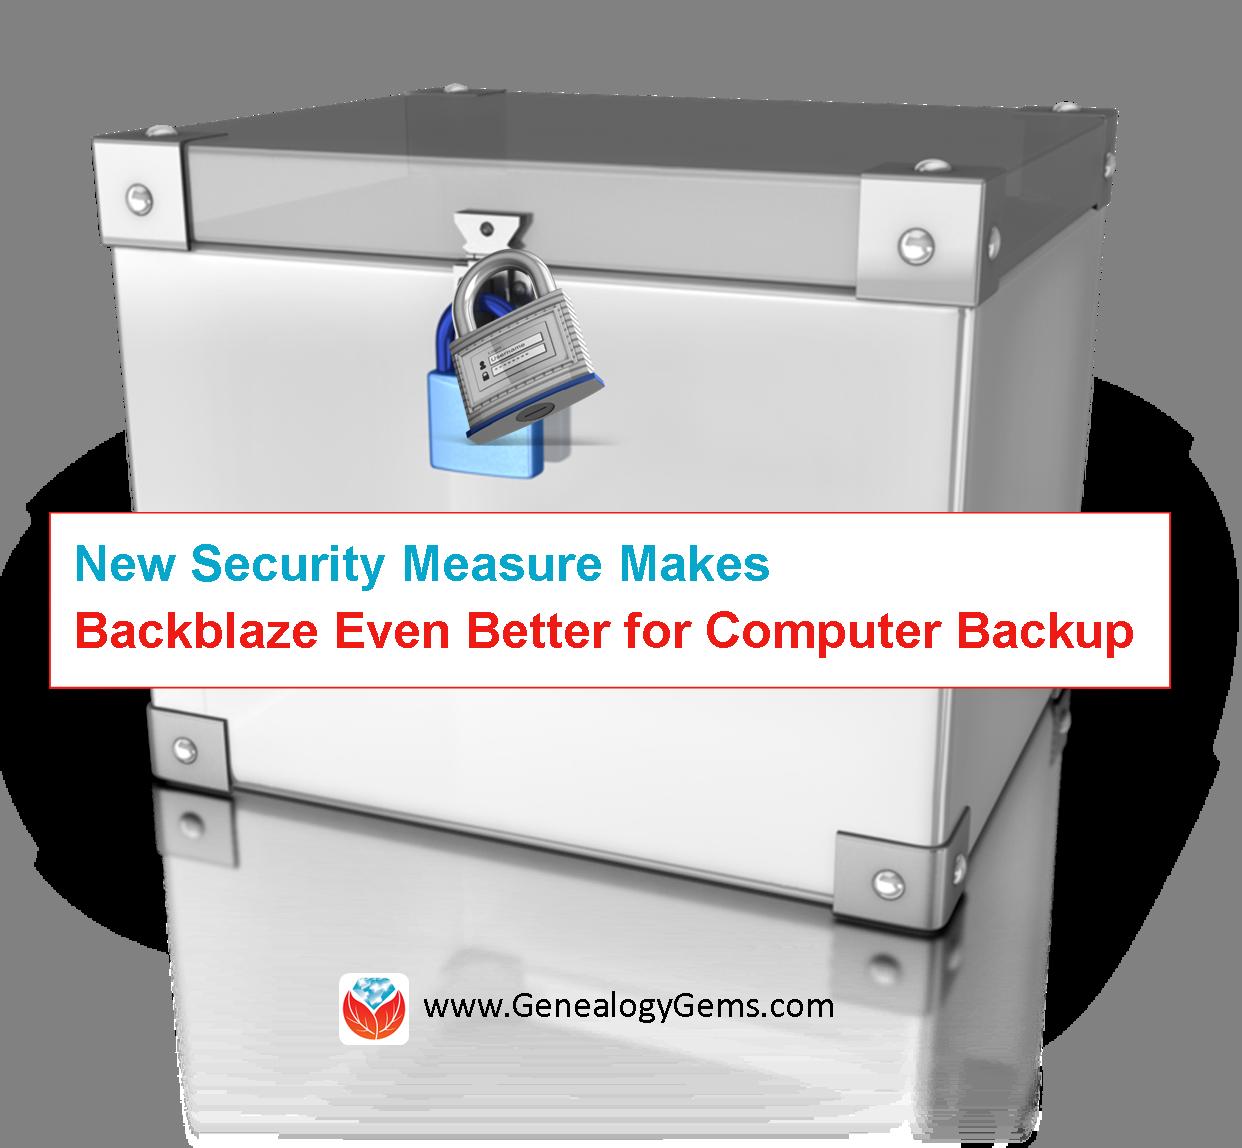 Backblaze Security Gets Even Better for Computer Backup